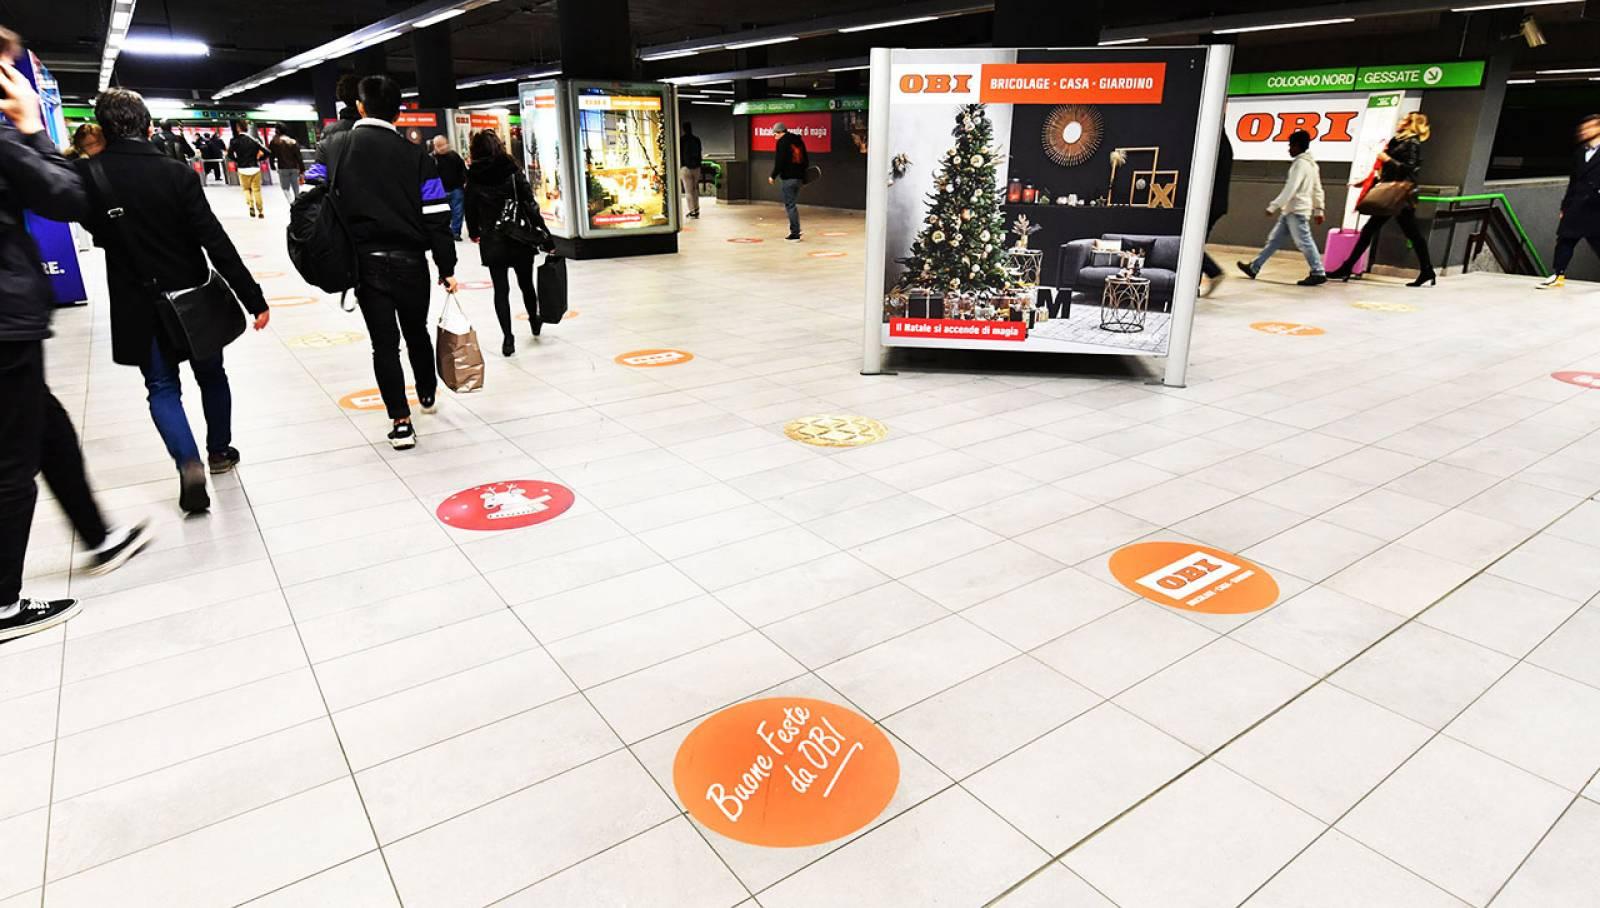 Pubblicità in metropolitana Milano Centrale IGPDecaux Station Domination per OBI Italia